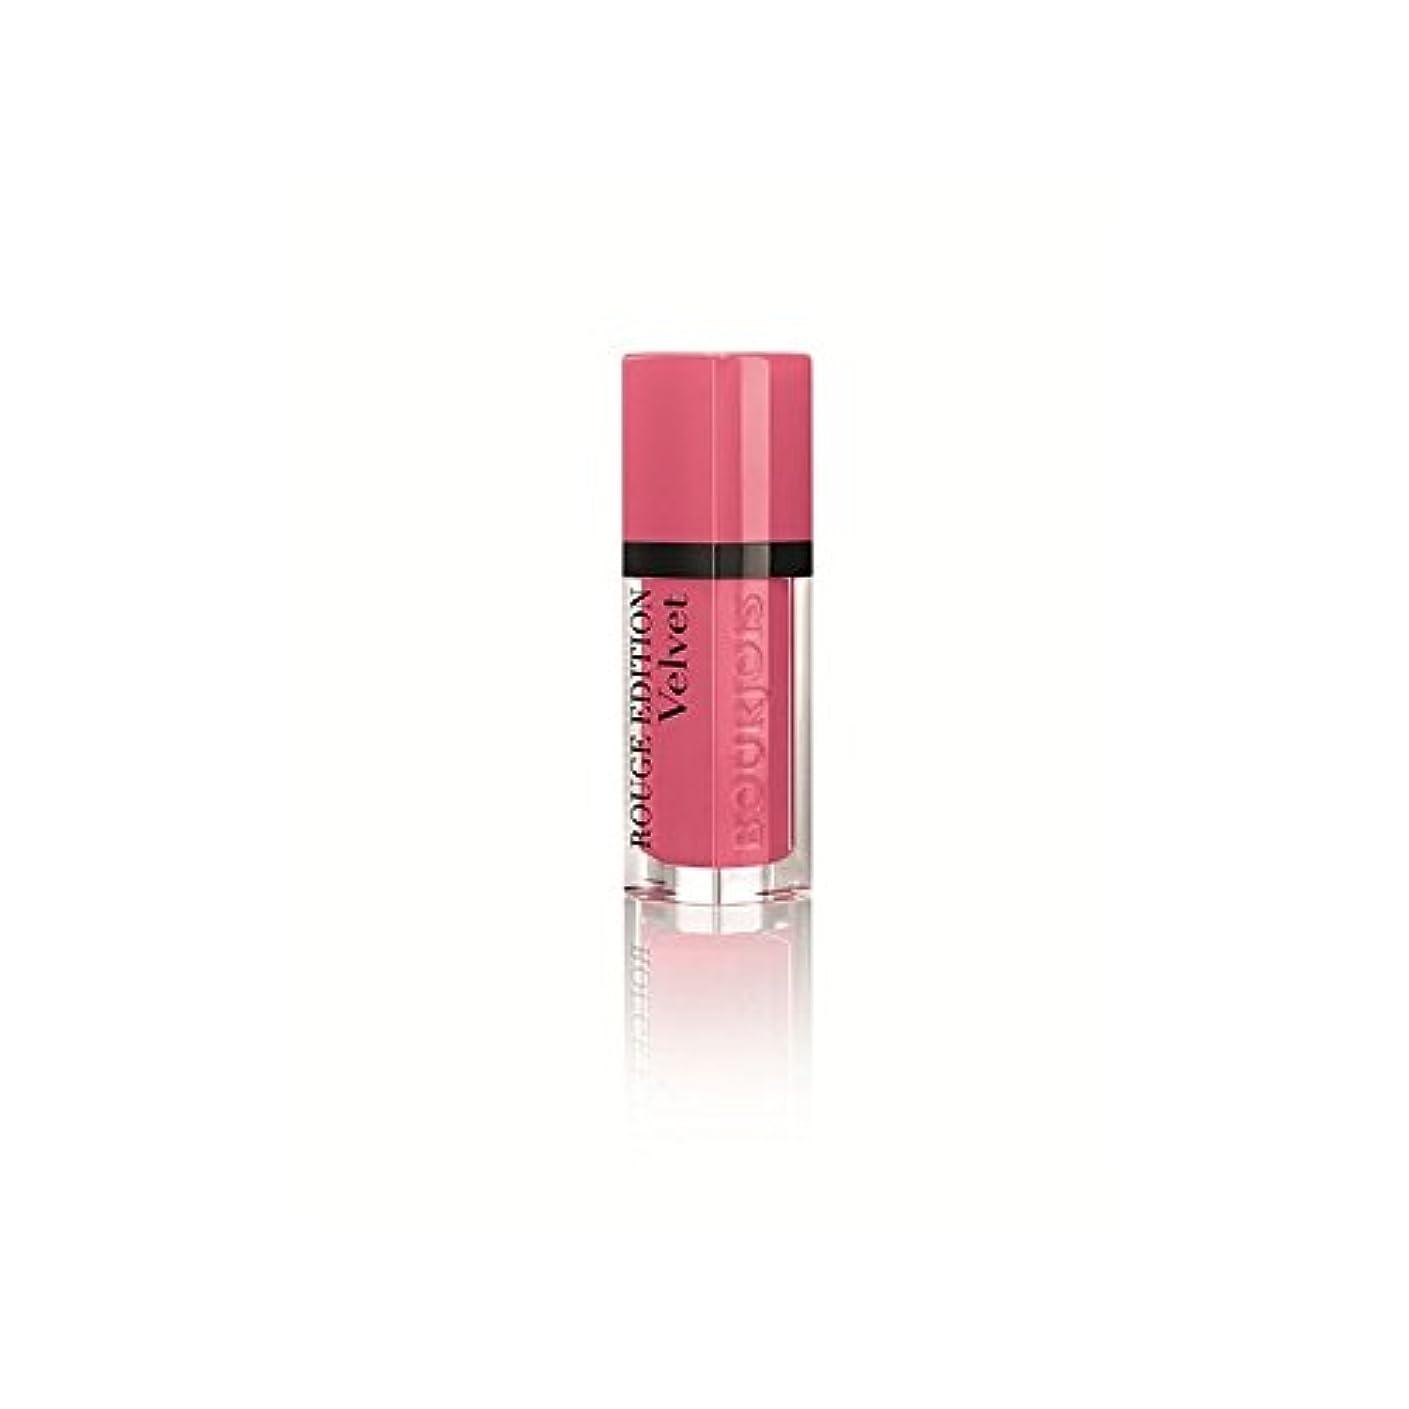 知人味付け革命Bourjois Rouge Edition Velvet Lipstick So Hap'pink 11-11そう'ブルジョワルージュ版のベルベットの口紅 [並行輸入品]